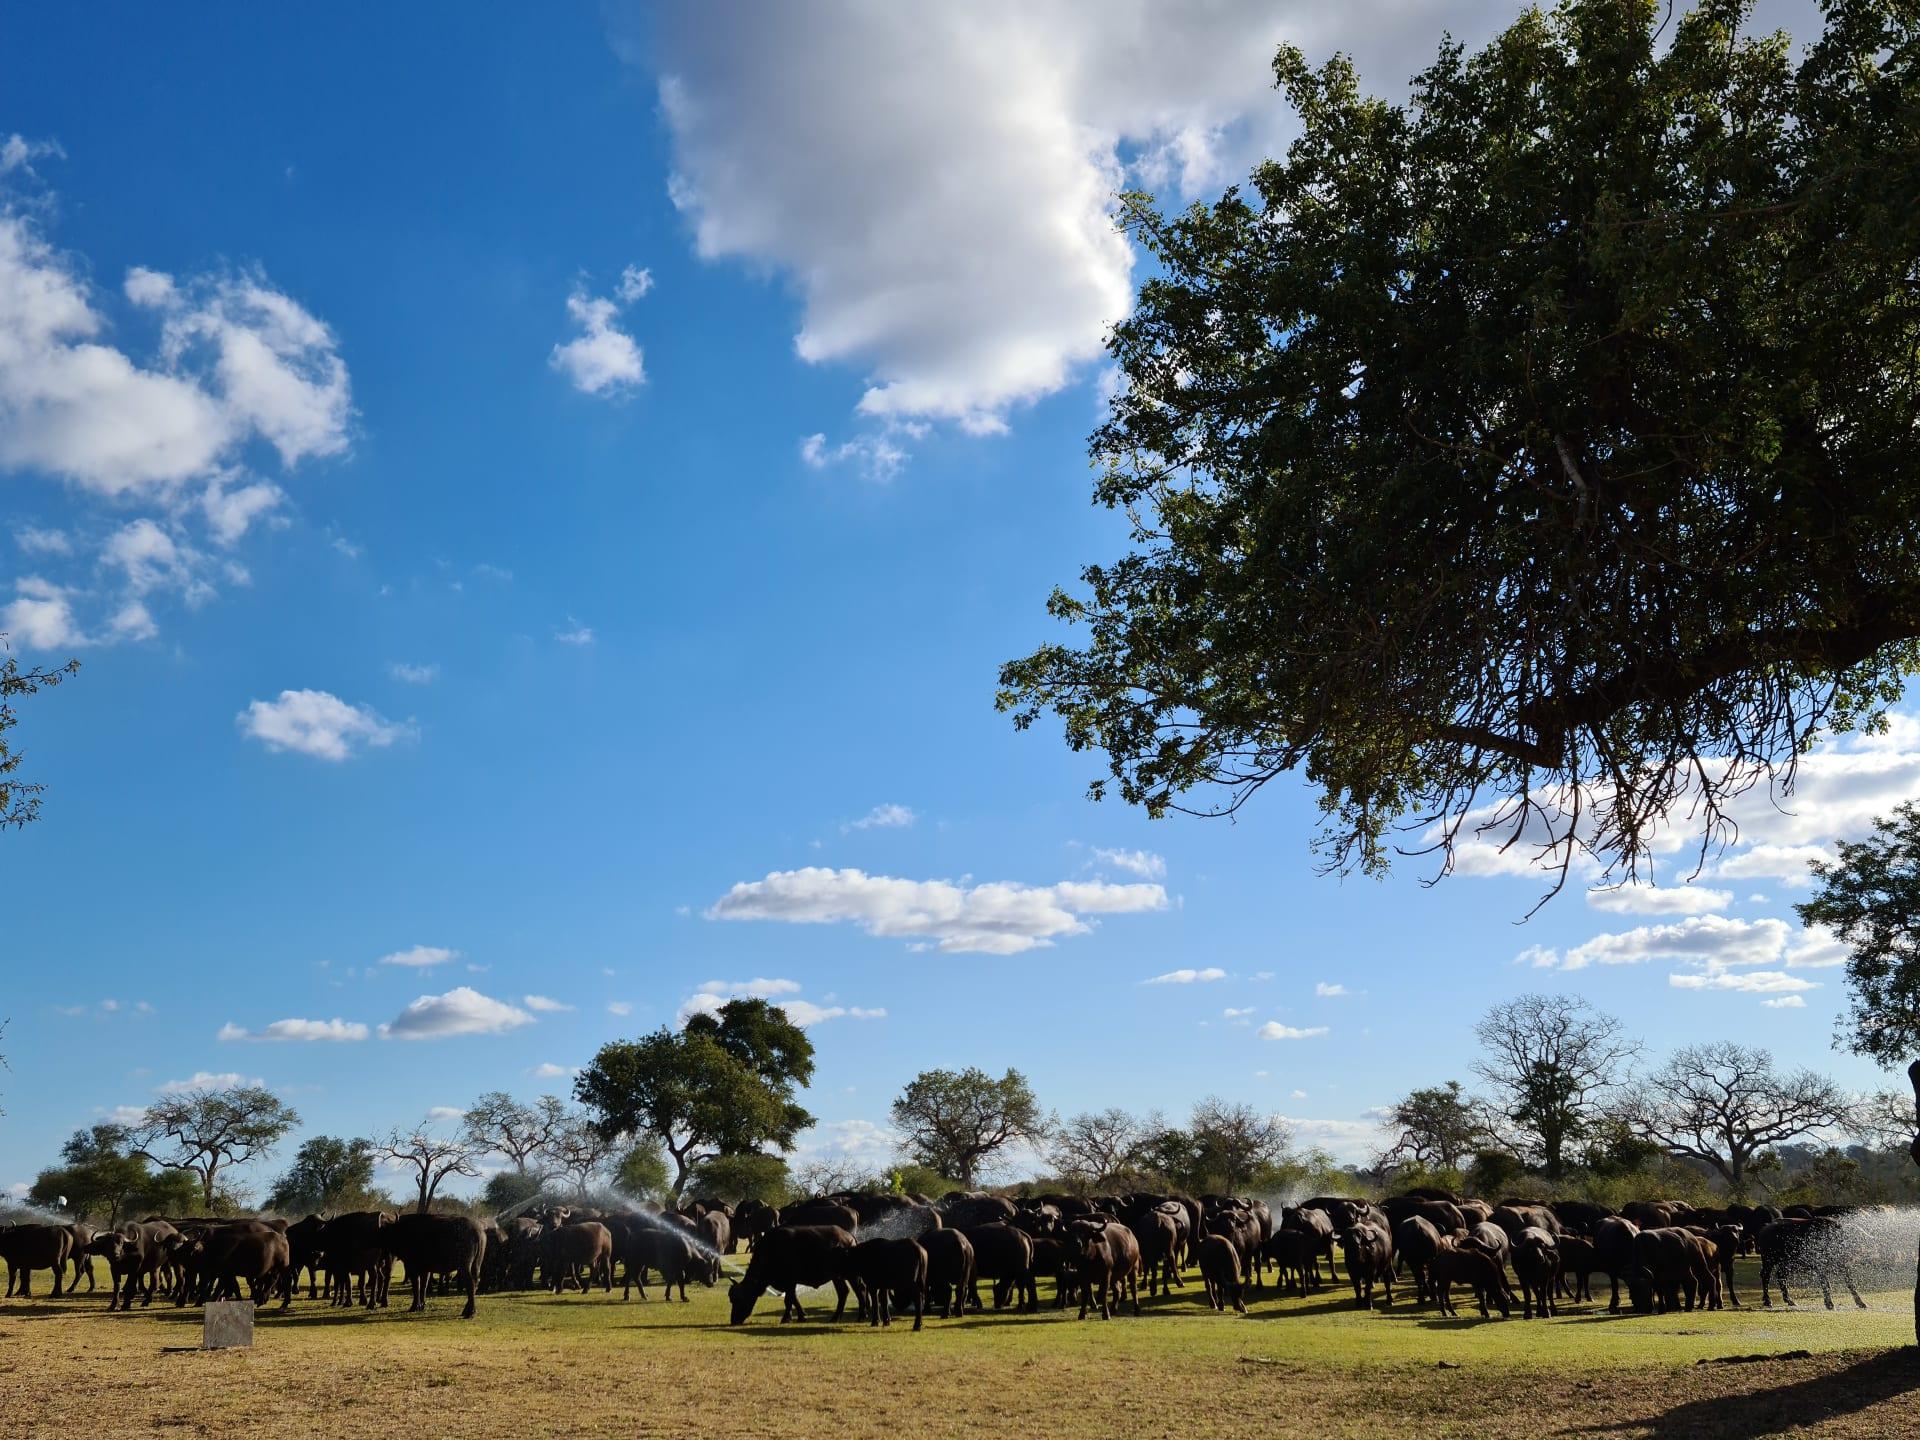 ملعب غولف في جنوب أفريقيا